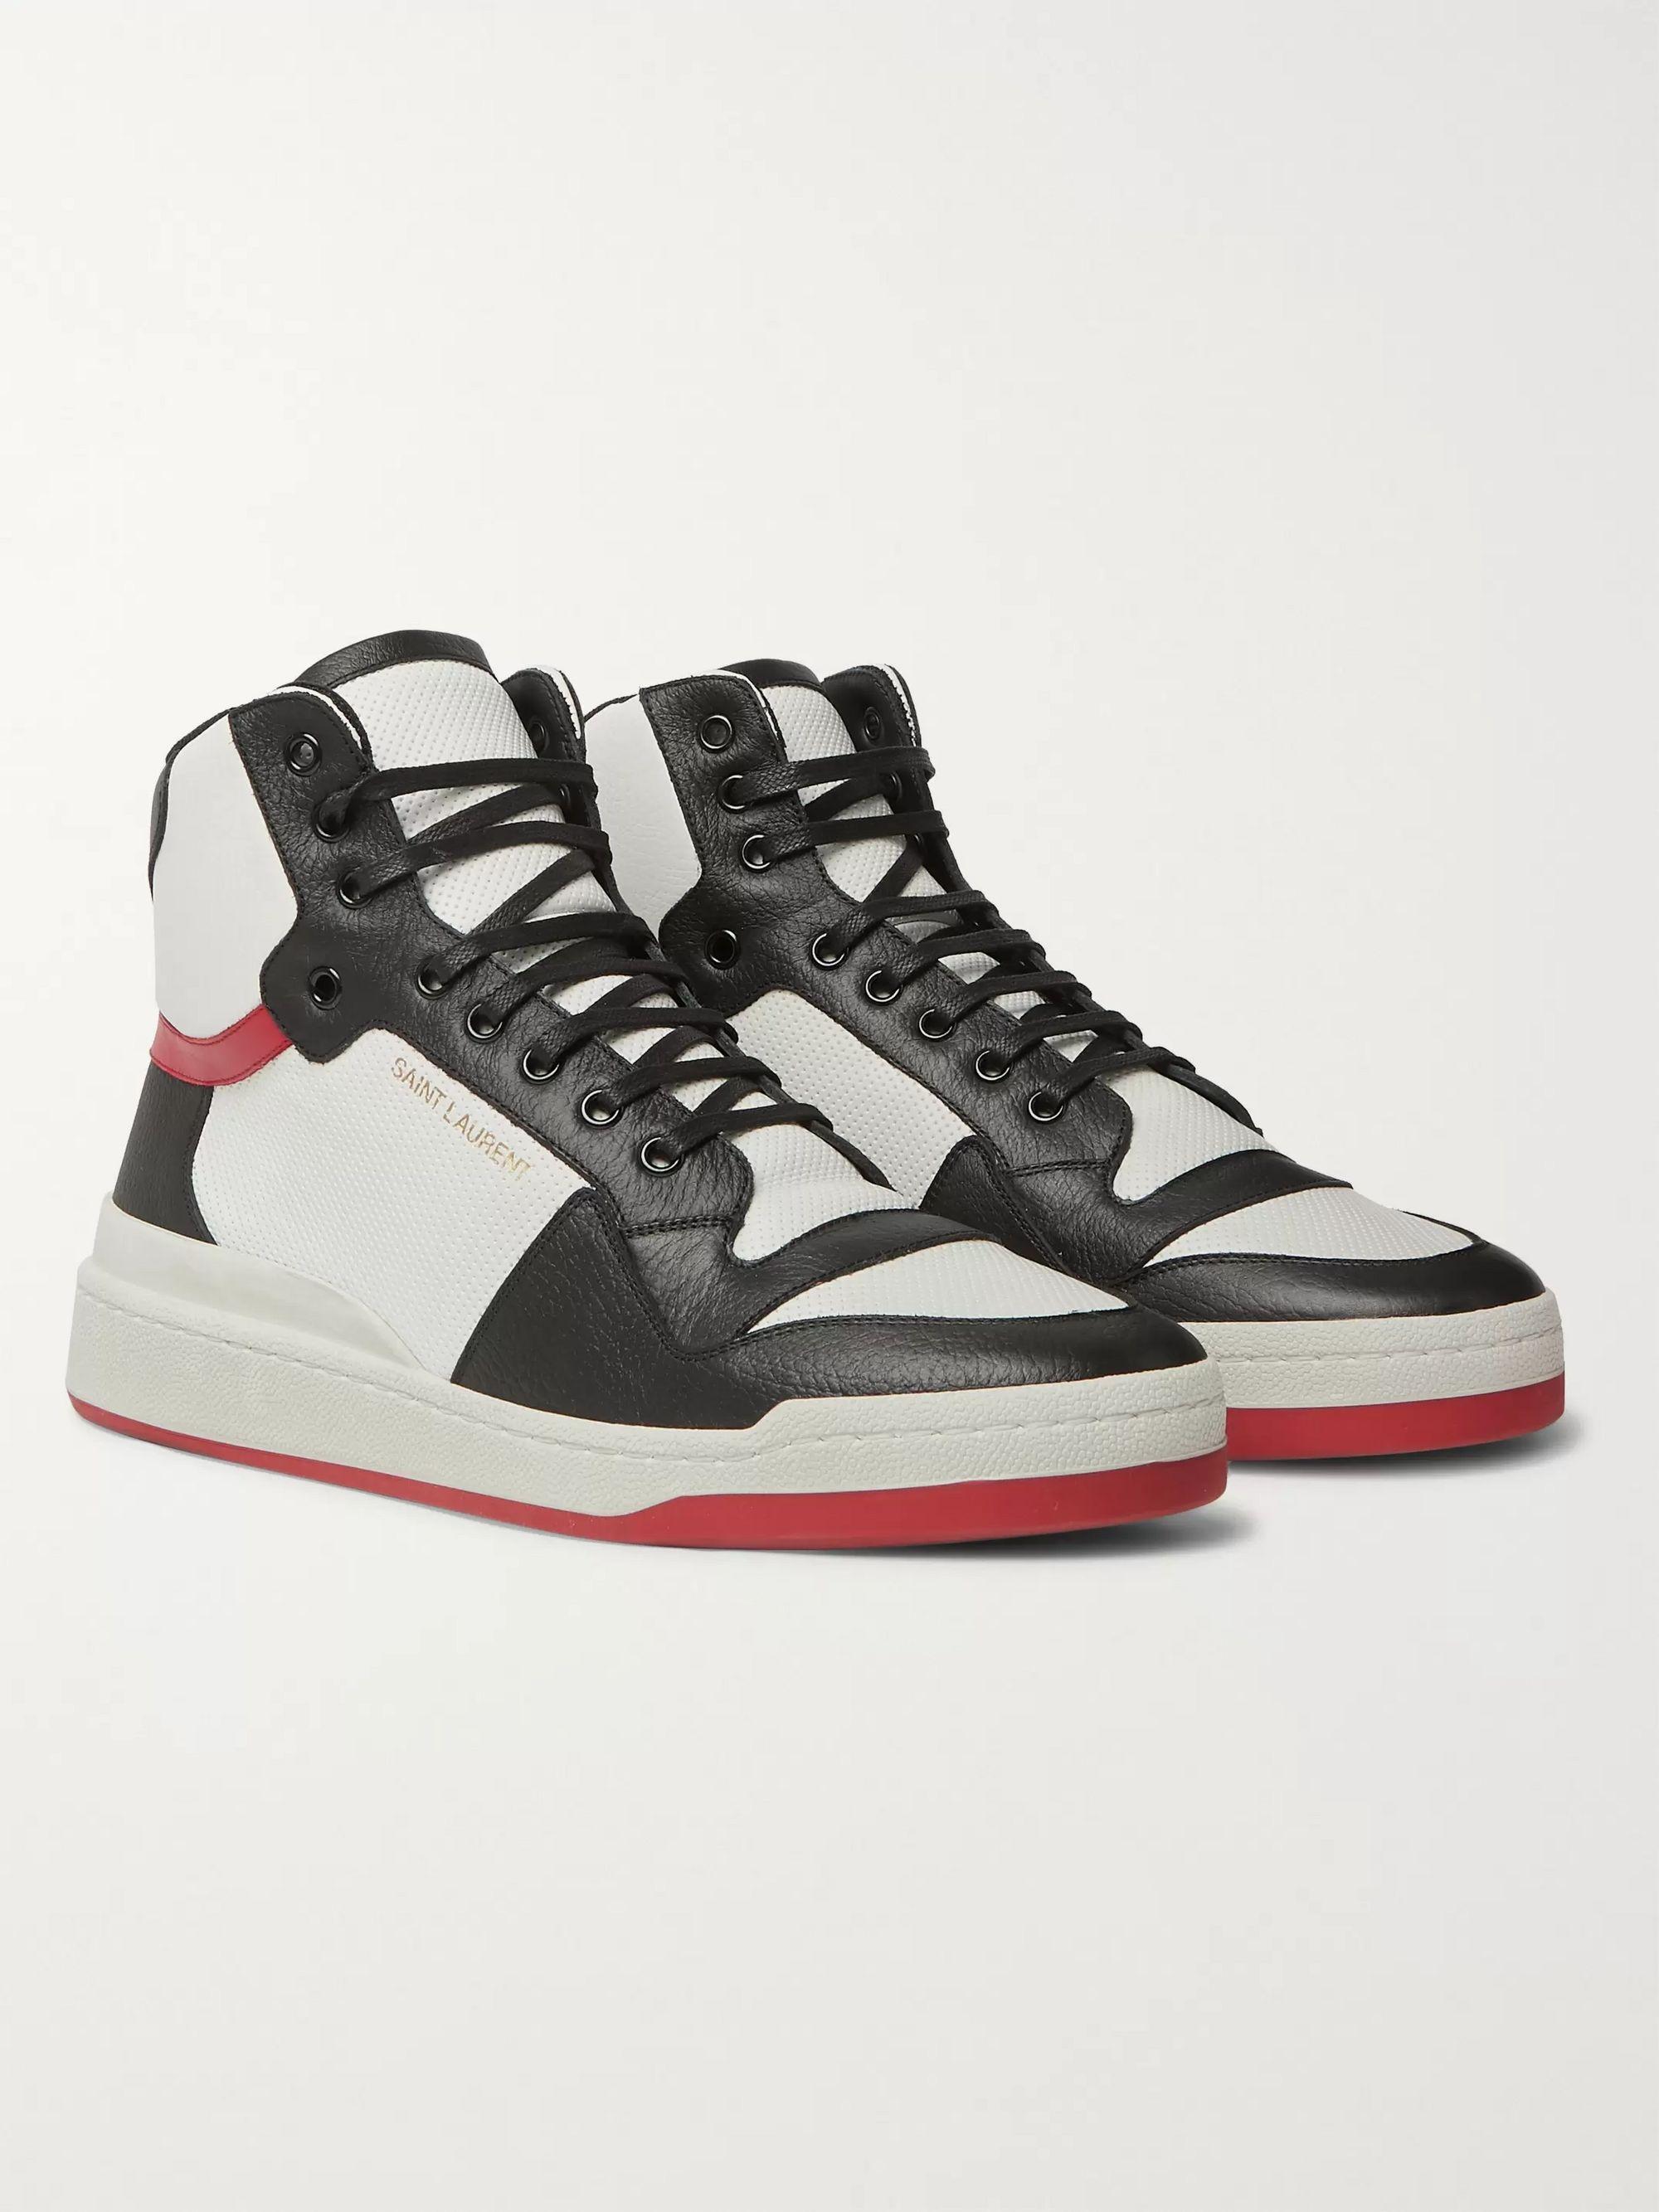 Top Sneakers   SAINT LAURENT   MR PORTER